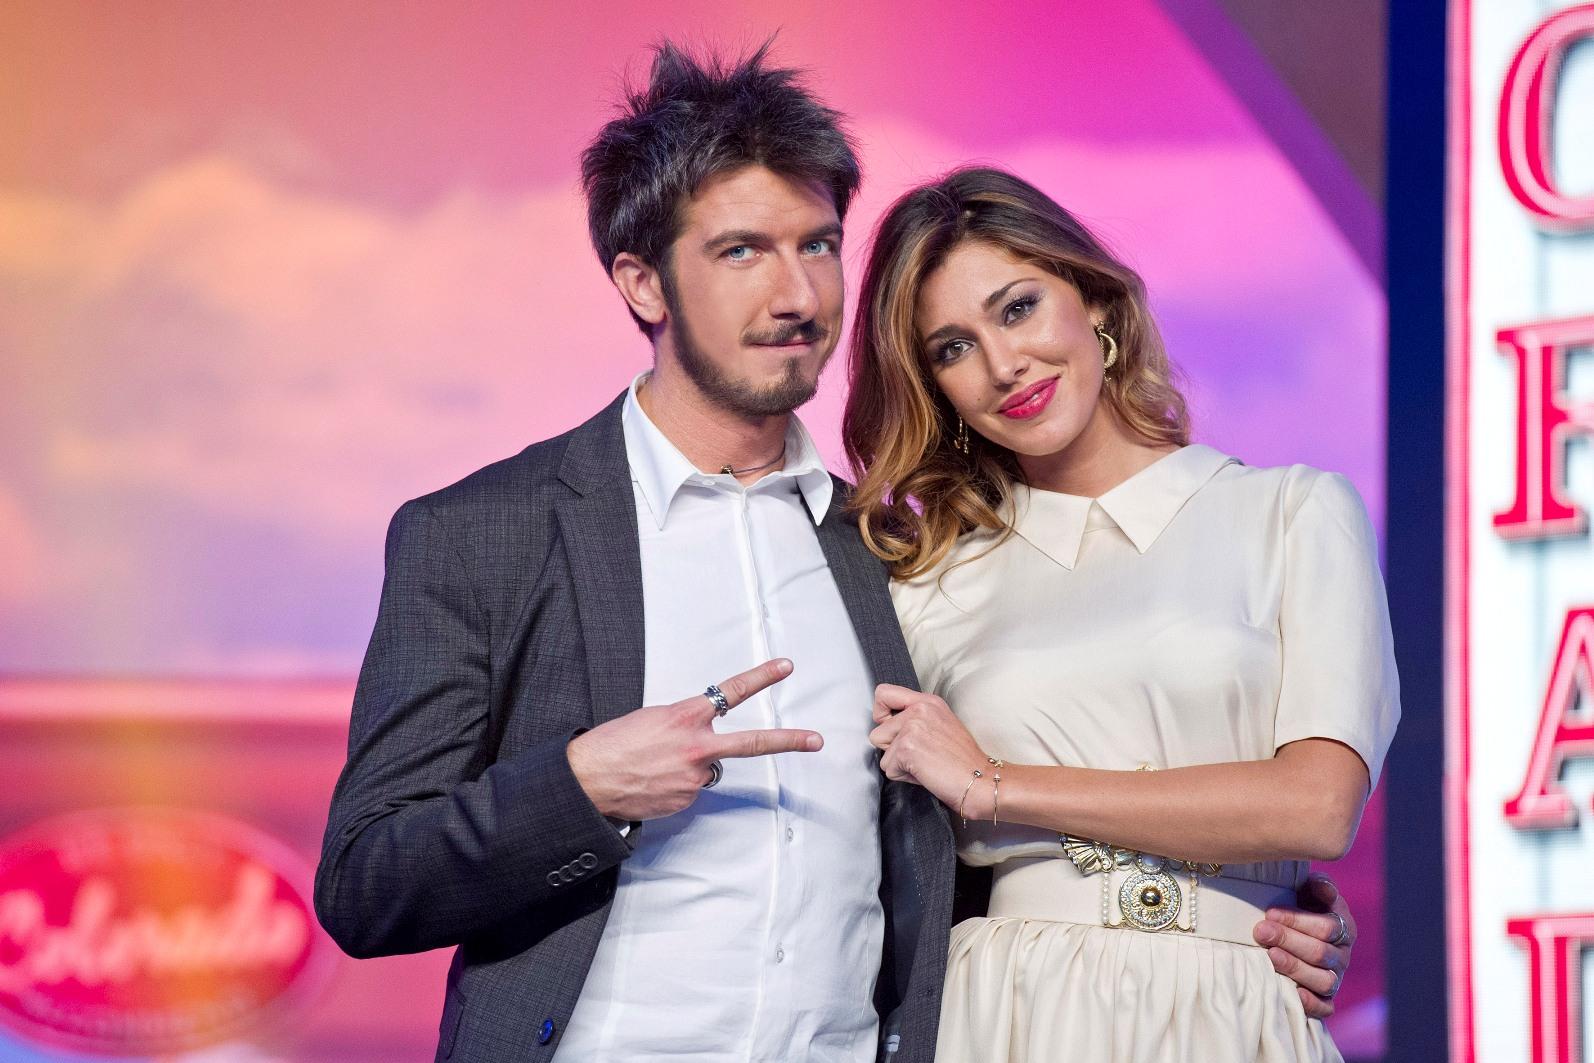 Colorado, stasera su Italia 1 l'ottava puntata con Belen Rodriguez e Paolo Ruffini. Ospiti i Gemelli Diversi